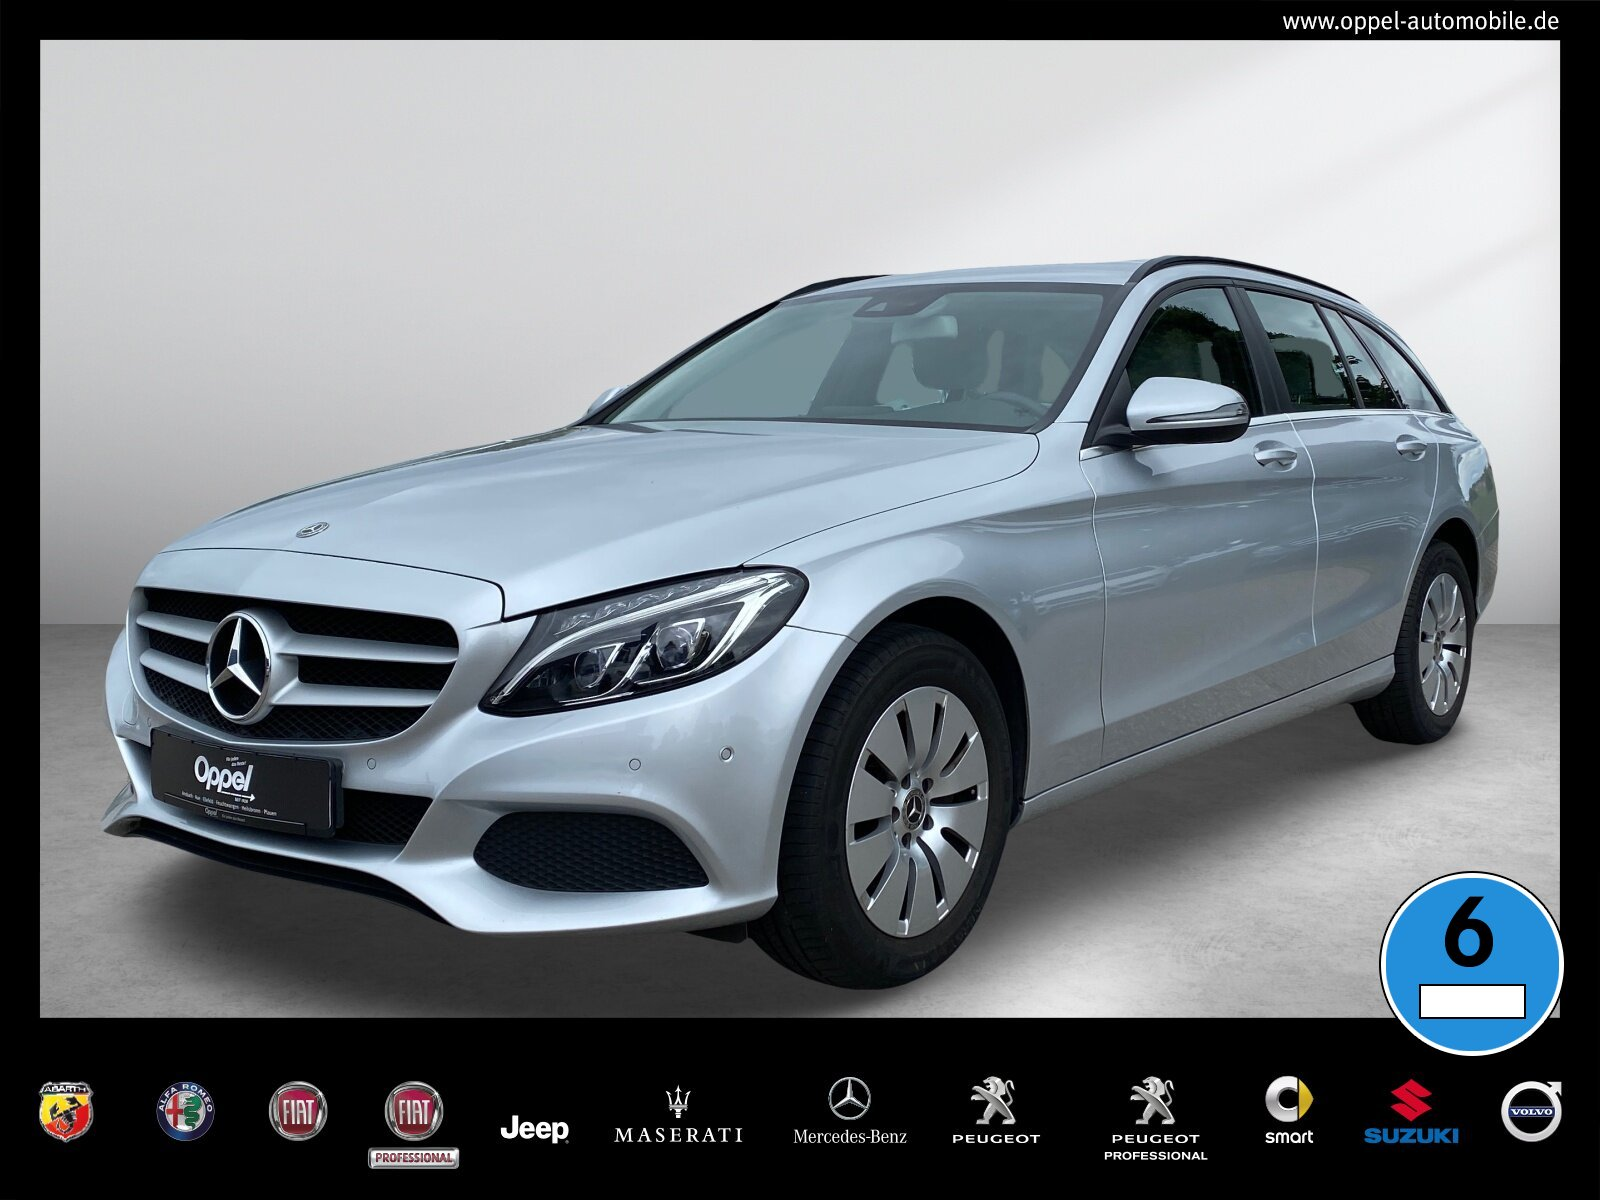 Mercedes-Benz C 220 d T-Modell LED+STANDH.+R-KAMERA+EASY-PACK, Jahr 2017, Diesel